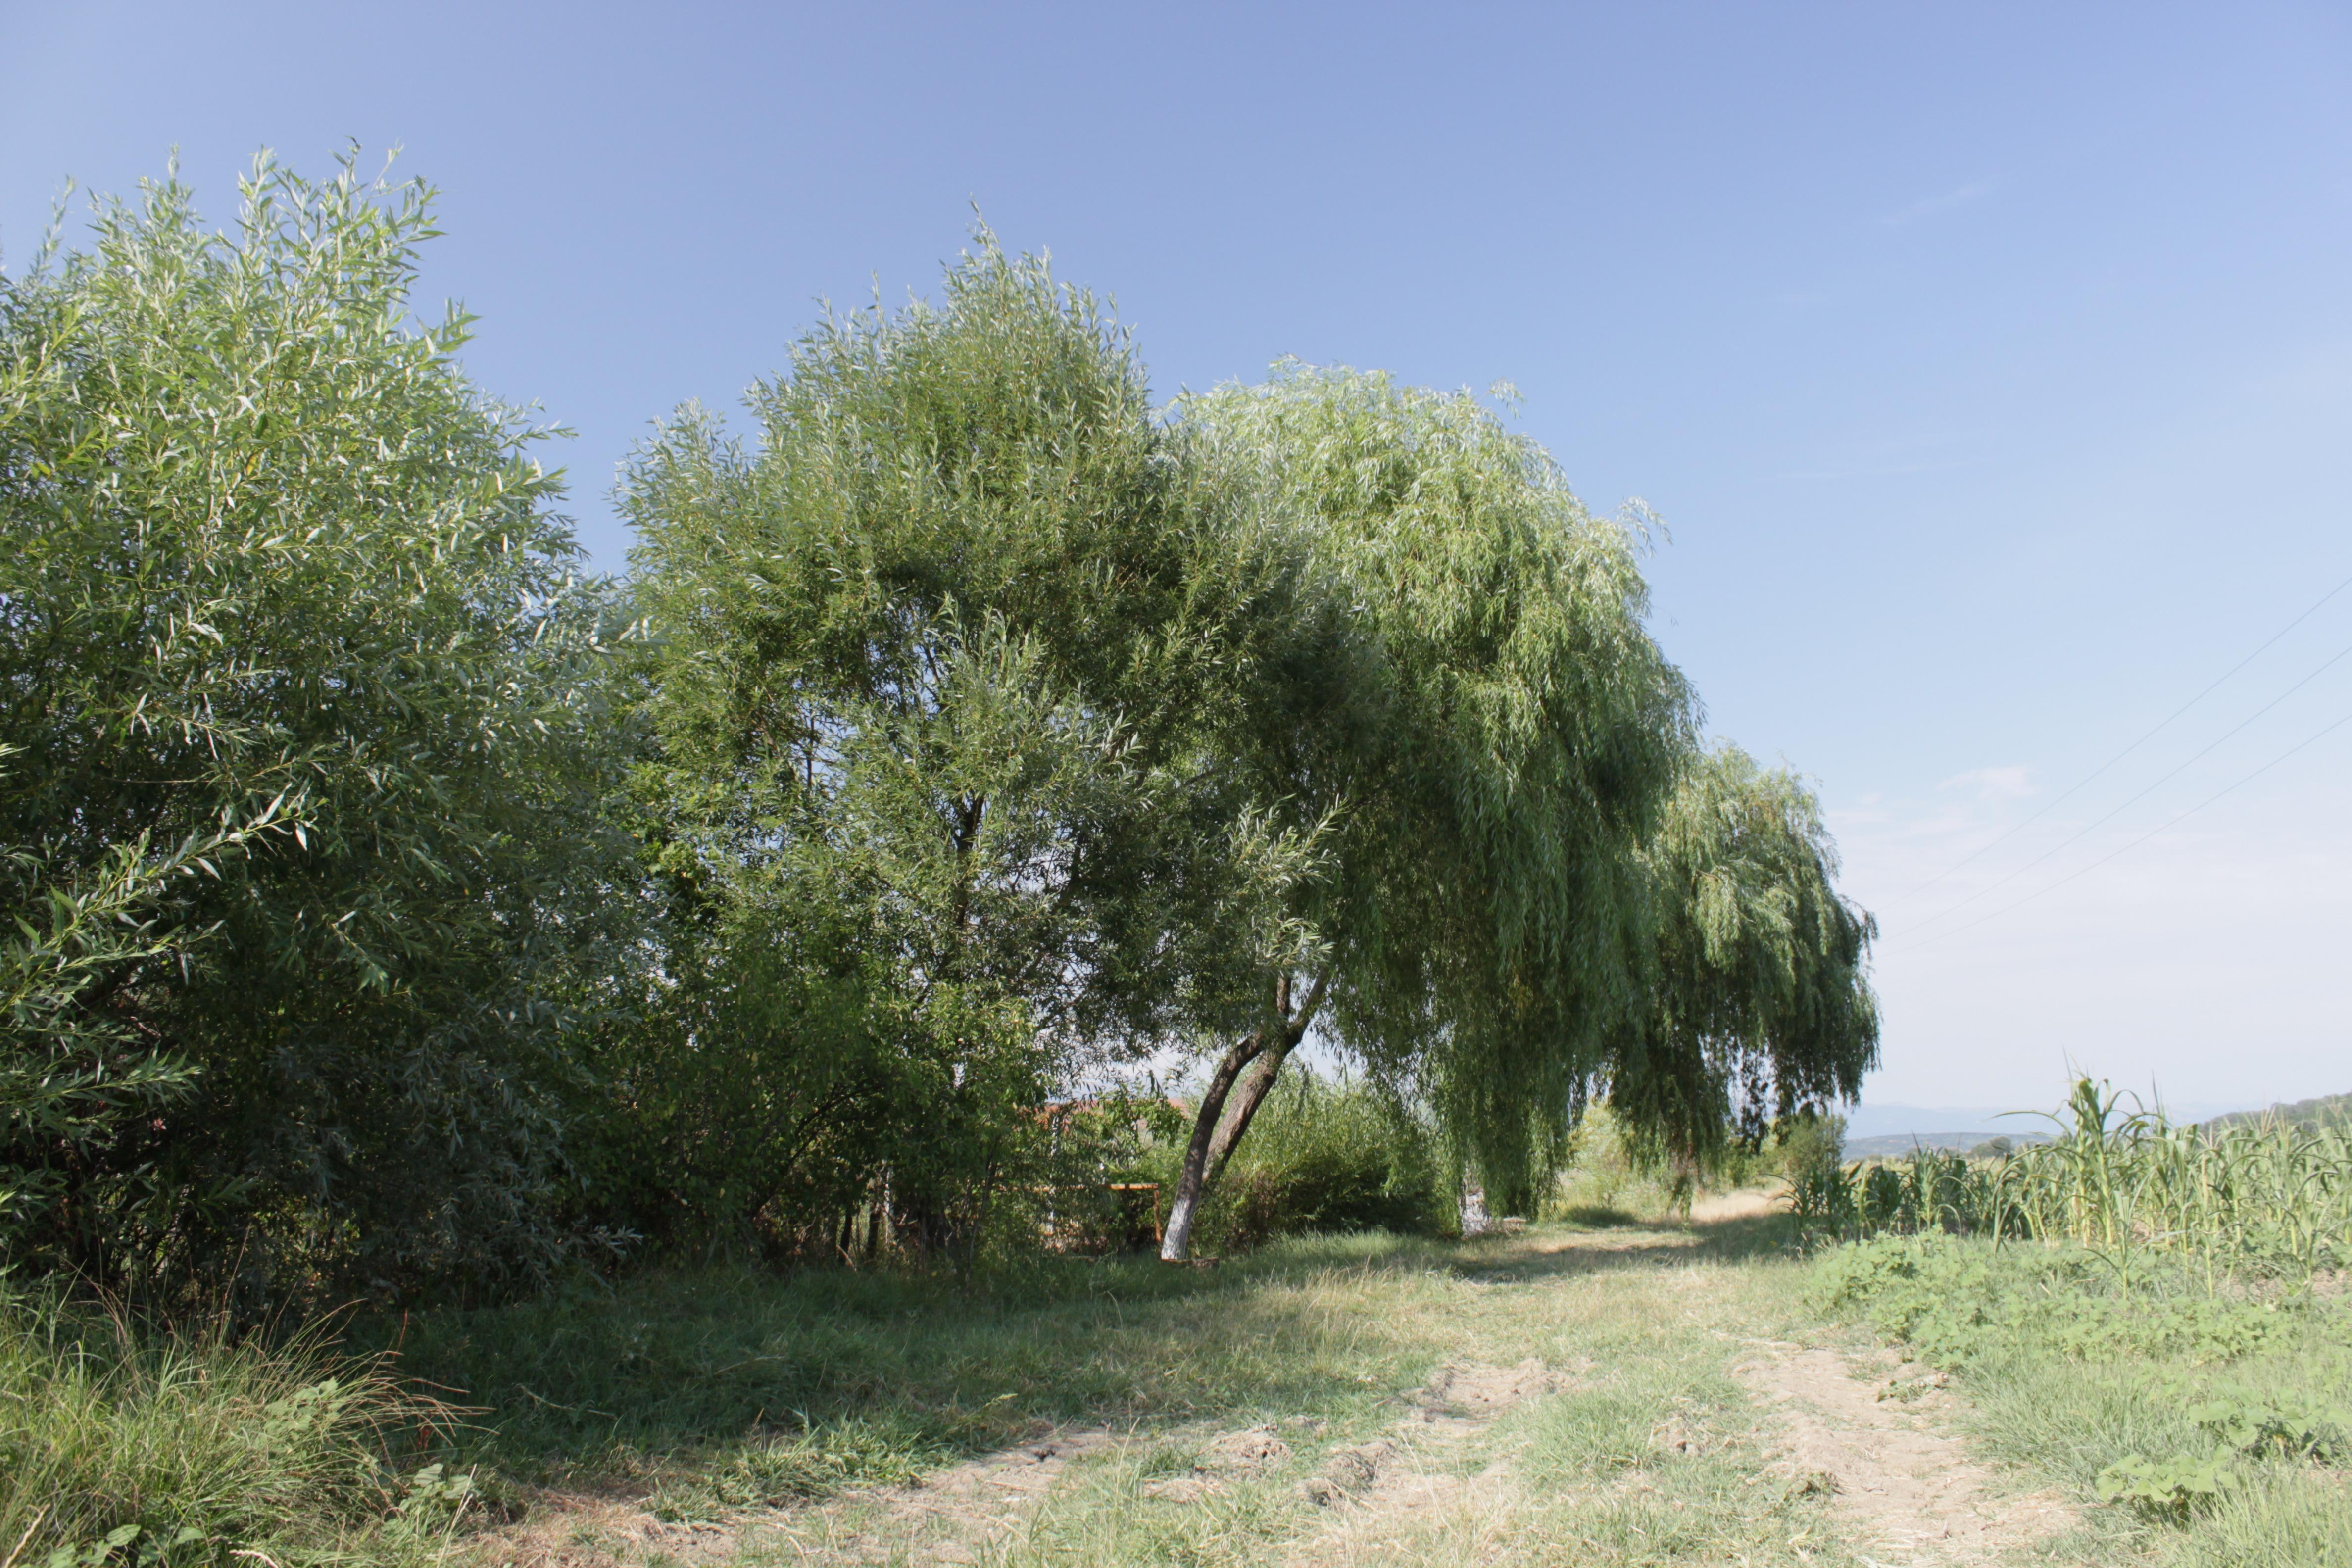 Fotos gratis rbol c sped planta prado verano flora for Arboles para plantar en verano